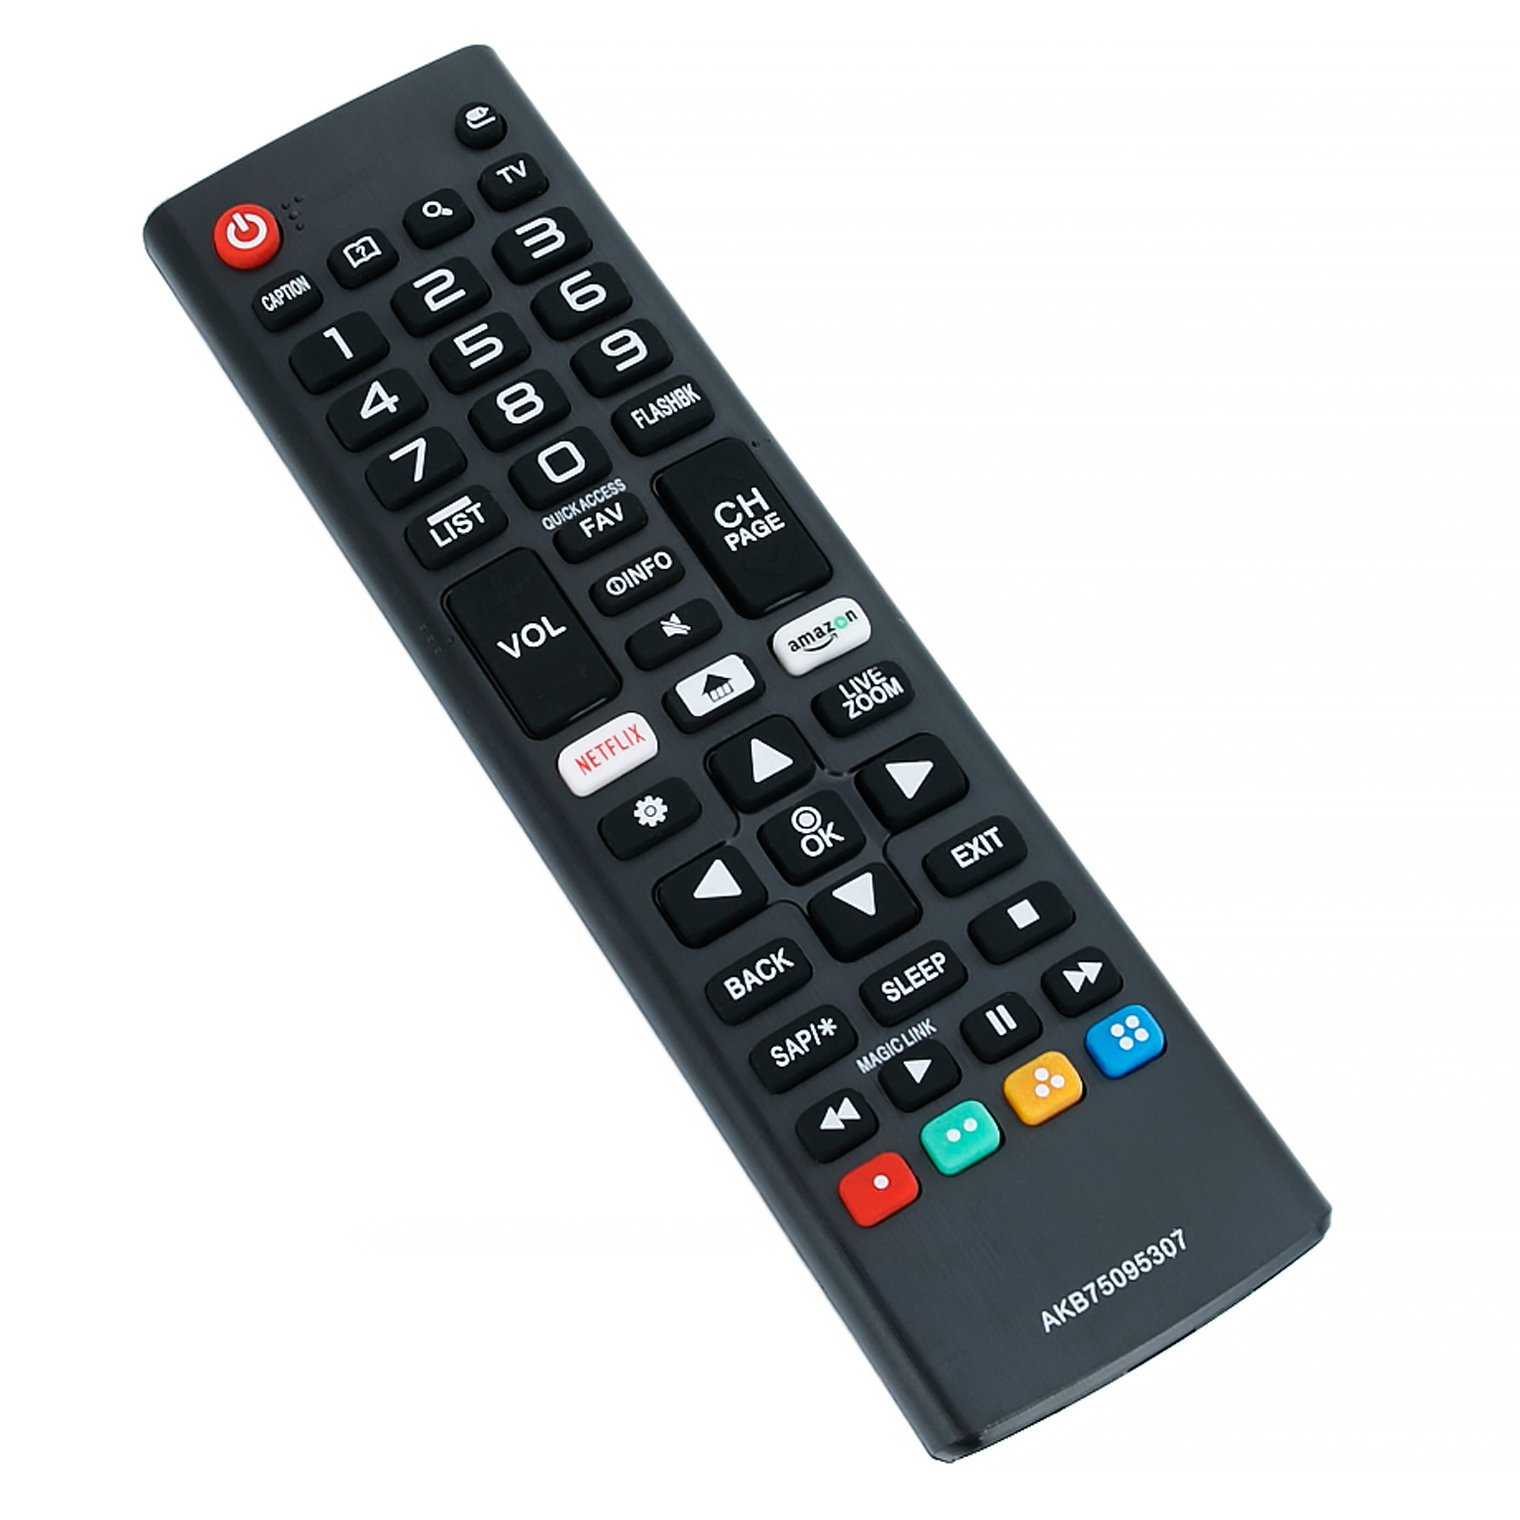 Nueva akb75095307 reemplazado TV Mando a Distancia para televisores LG, Televisión 43uj6500 49uj6500 65uj6540 55uj6580 75uj6520 55uj6520 43uj6560: Amazon.es: Electrónica